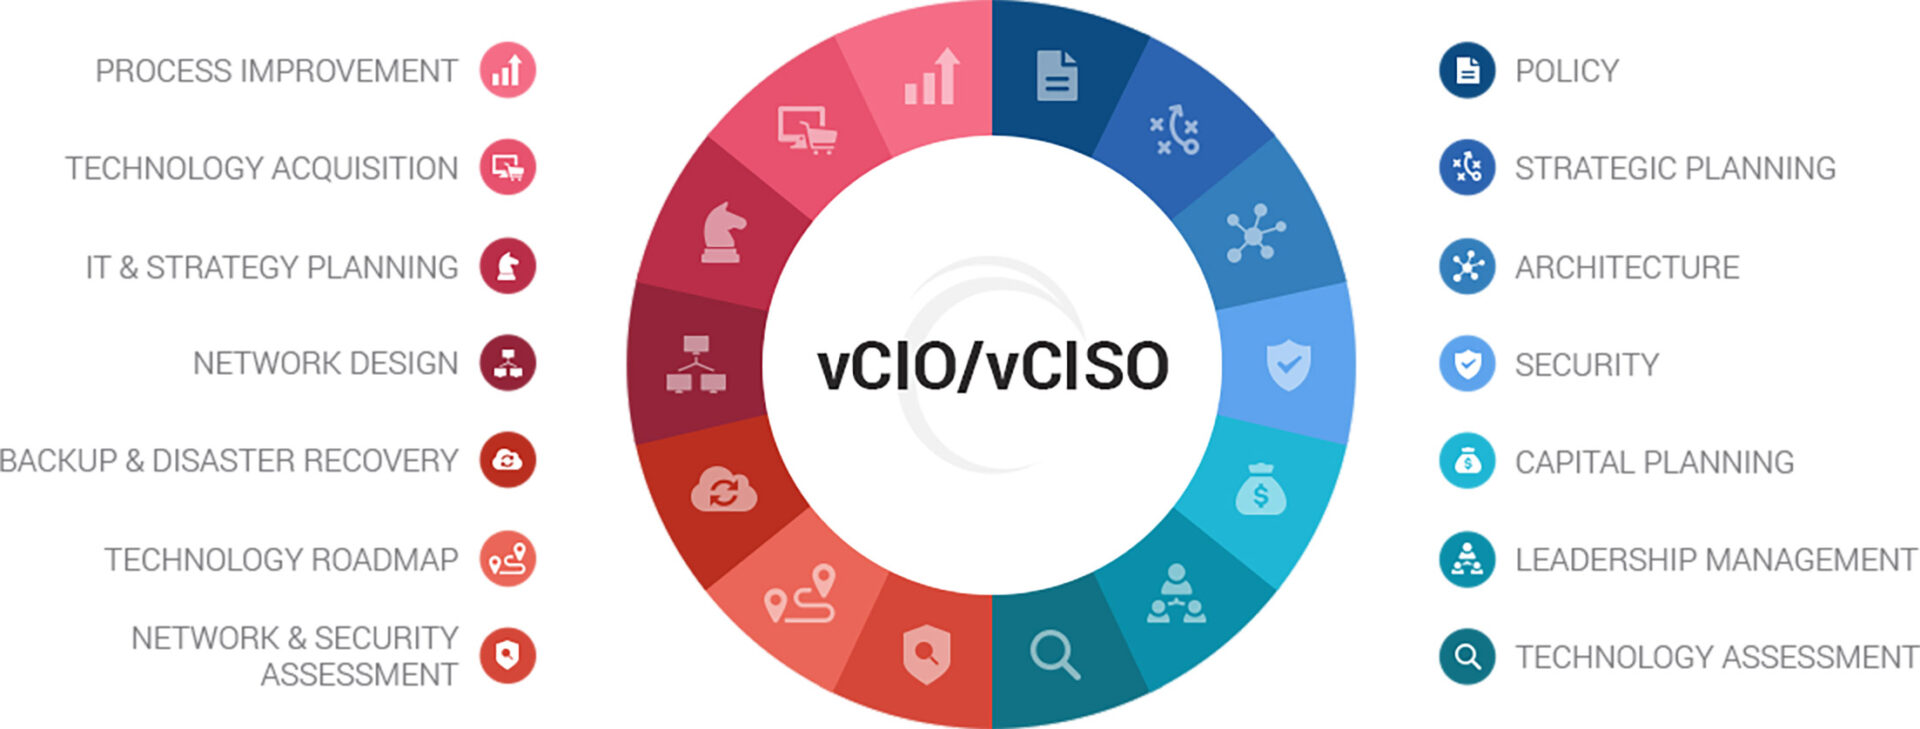 vCIO_vCISO graphic retina